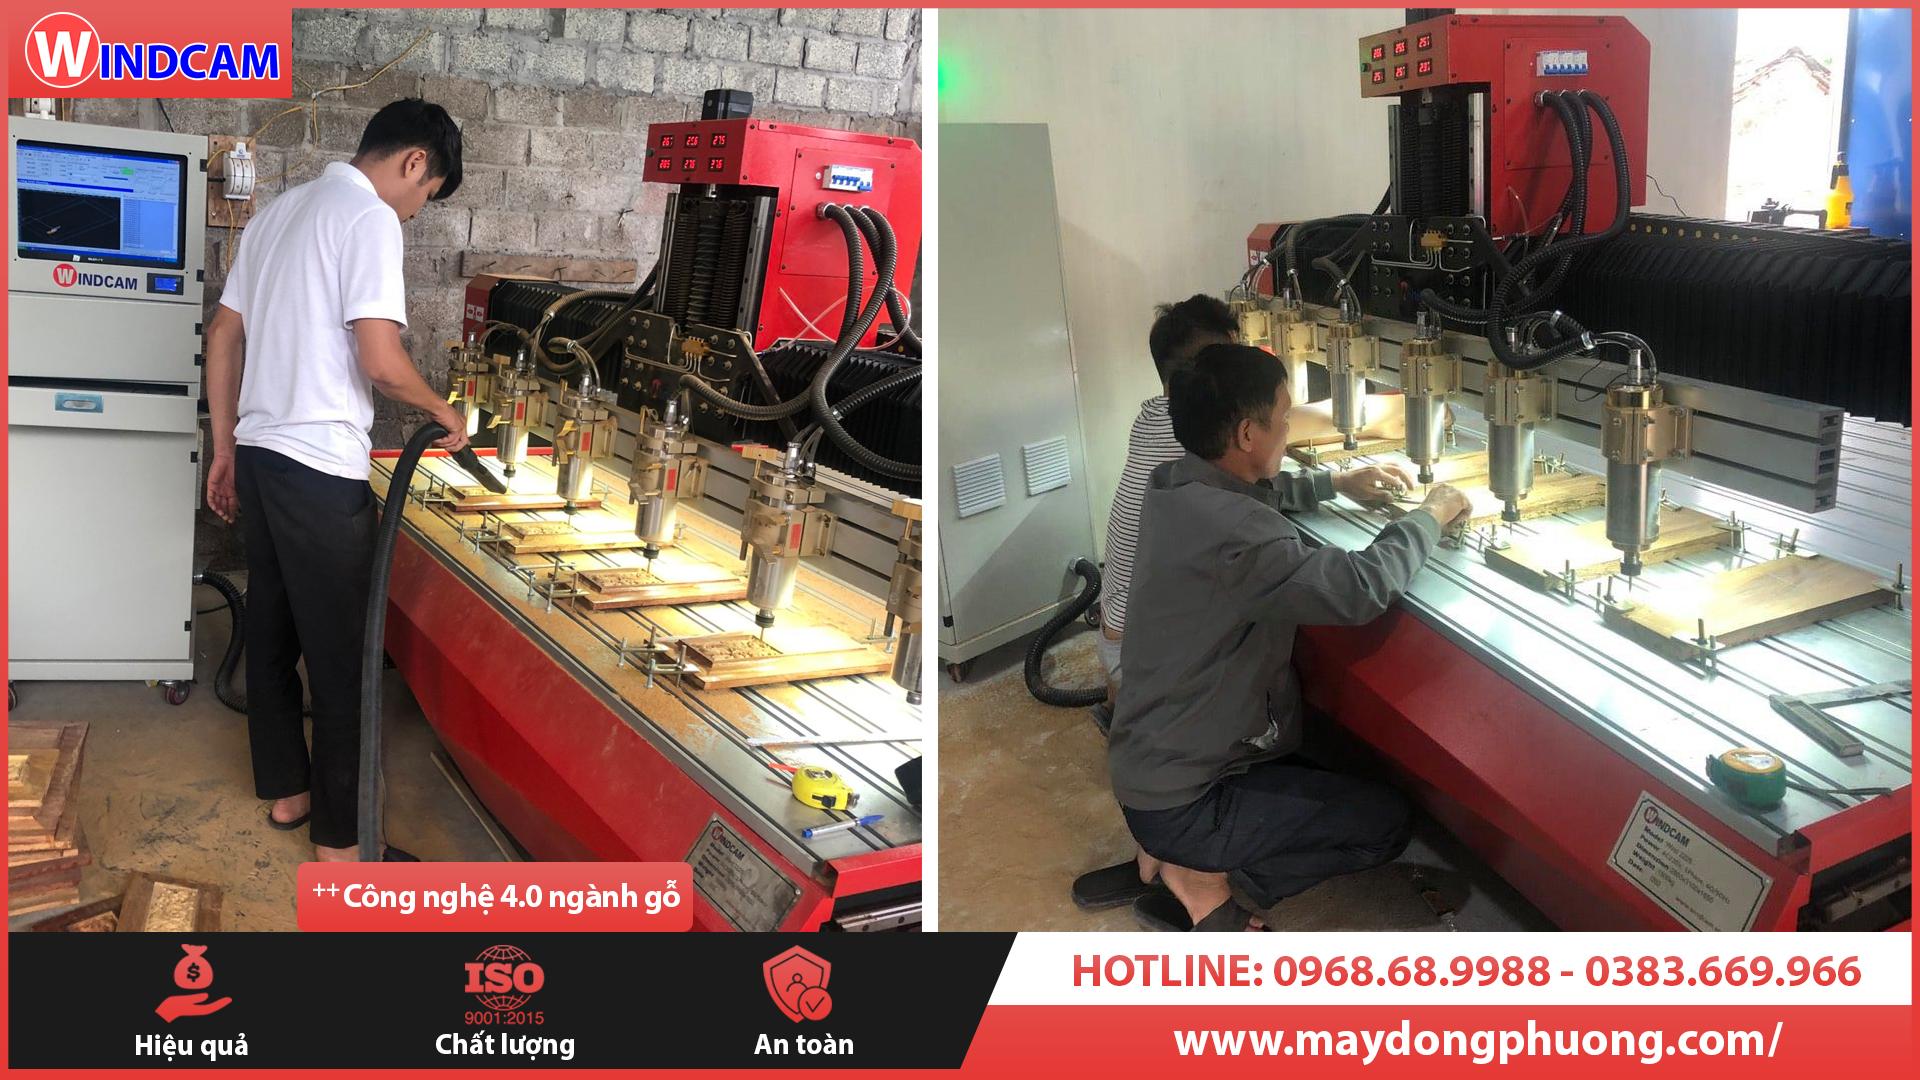 Điểm tên máy CNC chạm gỗ nhiều xưởng mộc tại Quảng Trị đầu tư nhất